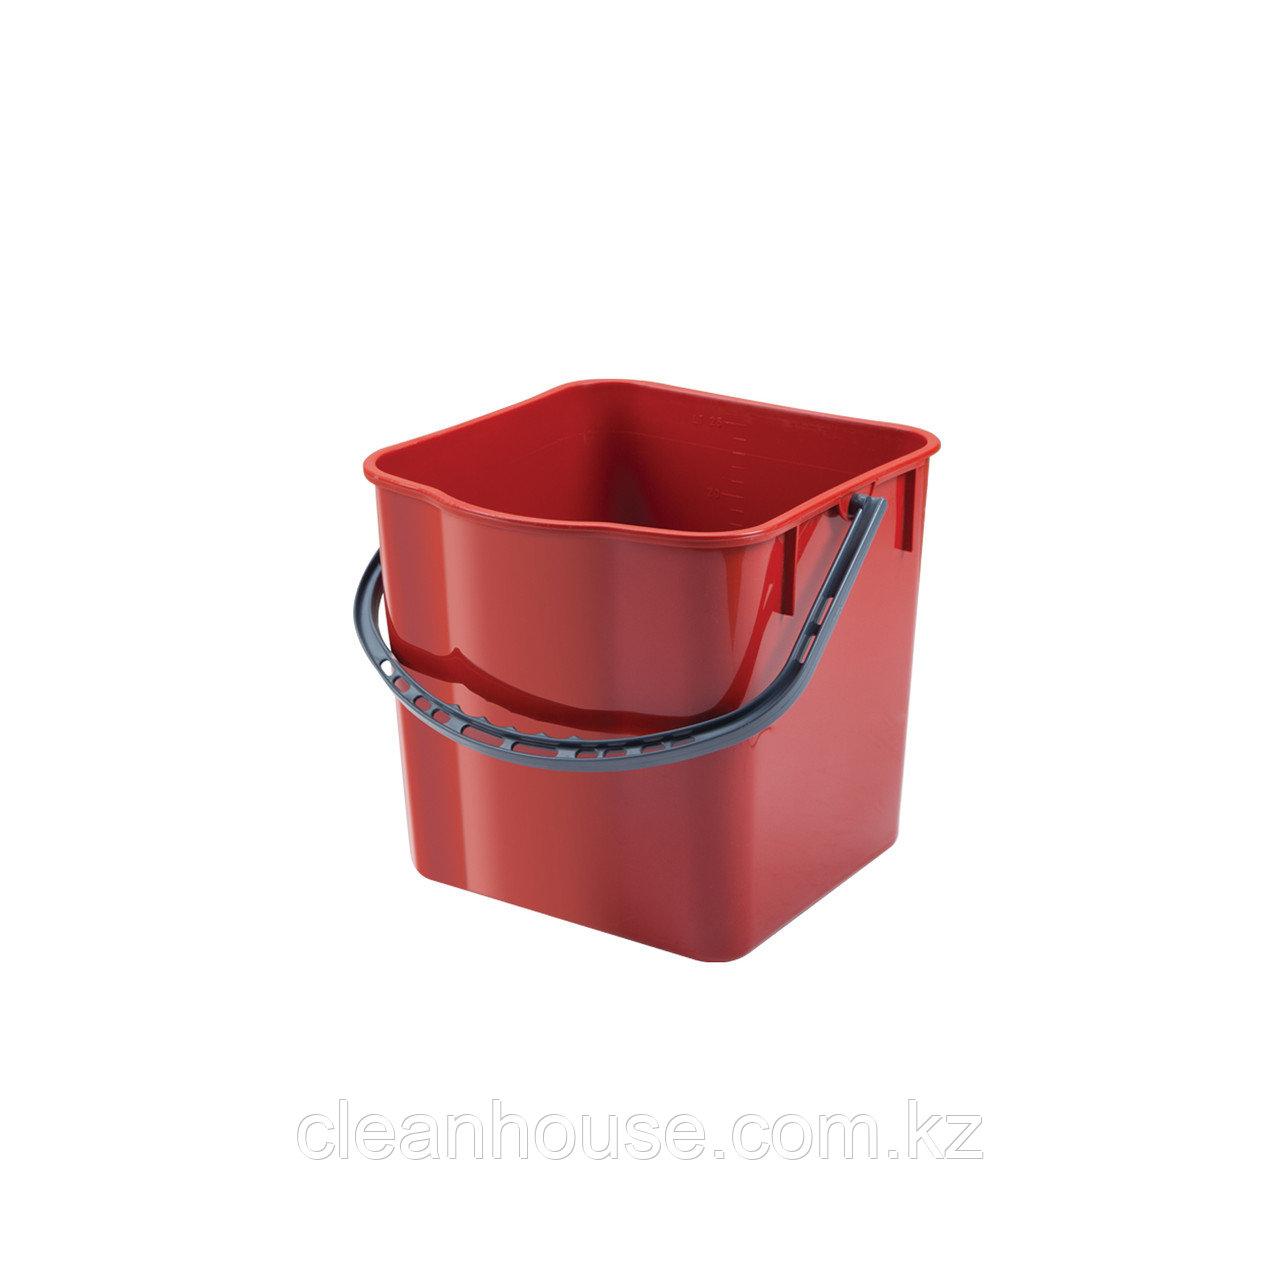 Ведро пластиковое, 25 лт